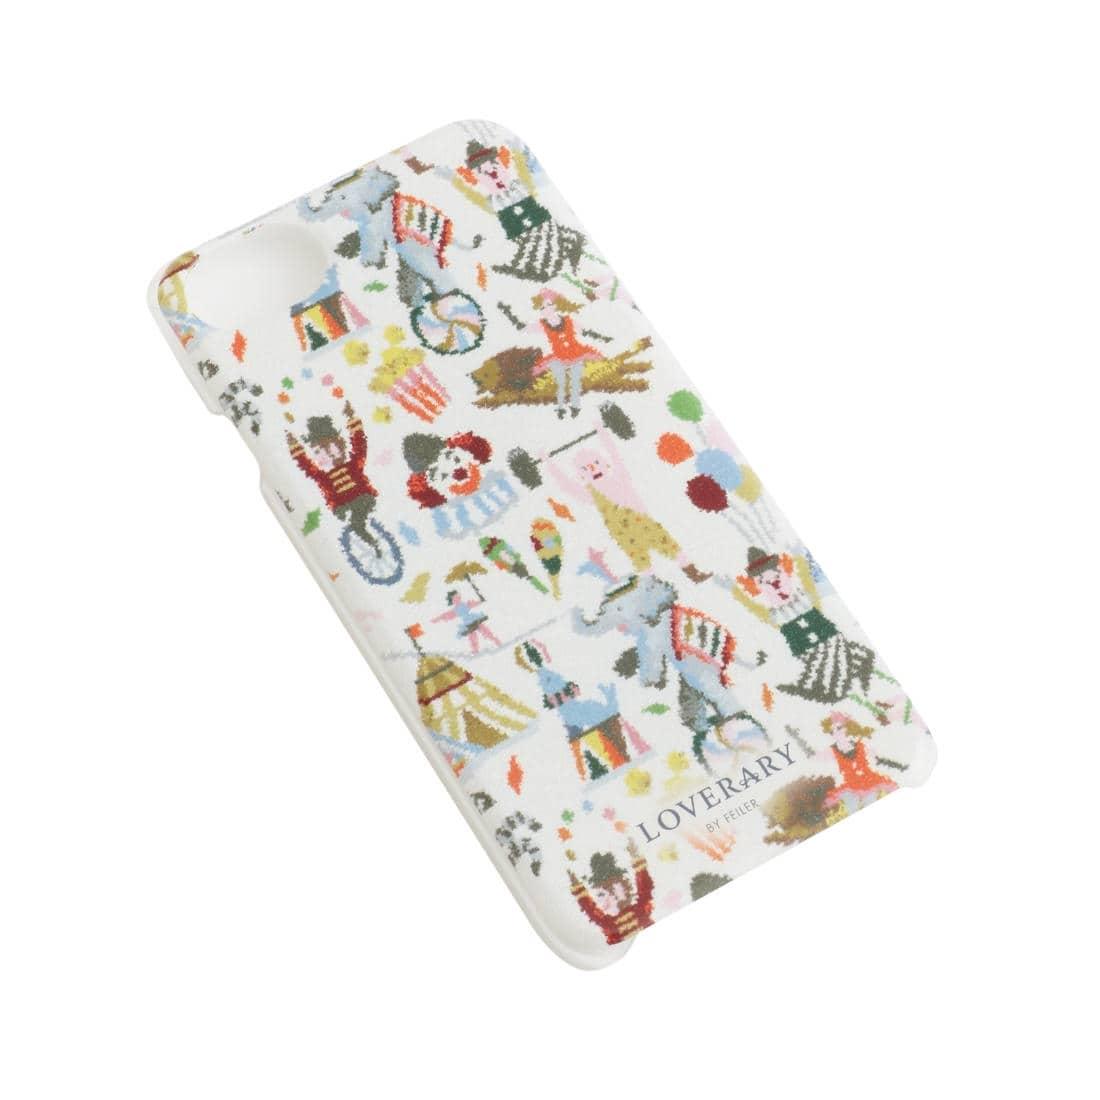 ラブラリーサーカス iPhoneケース(7・8対応) L/ALVC-183034